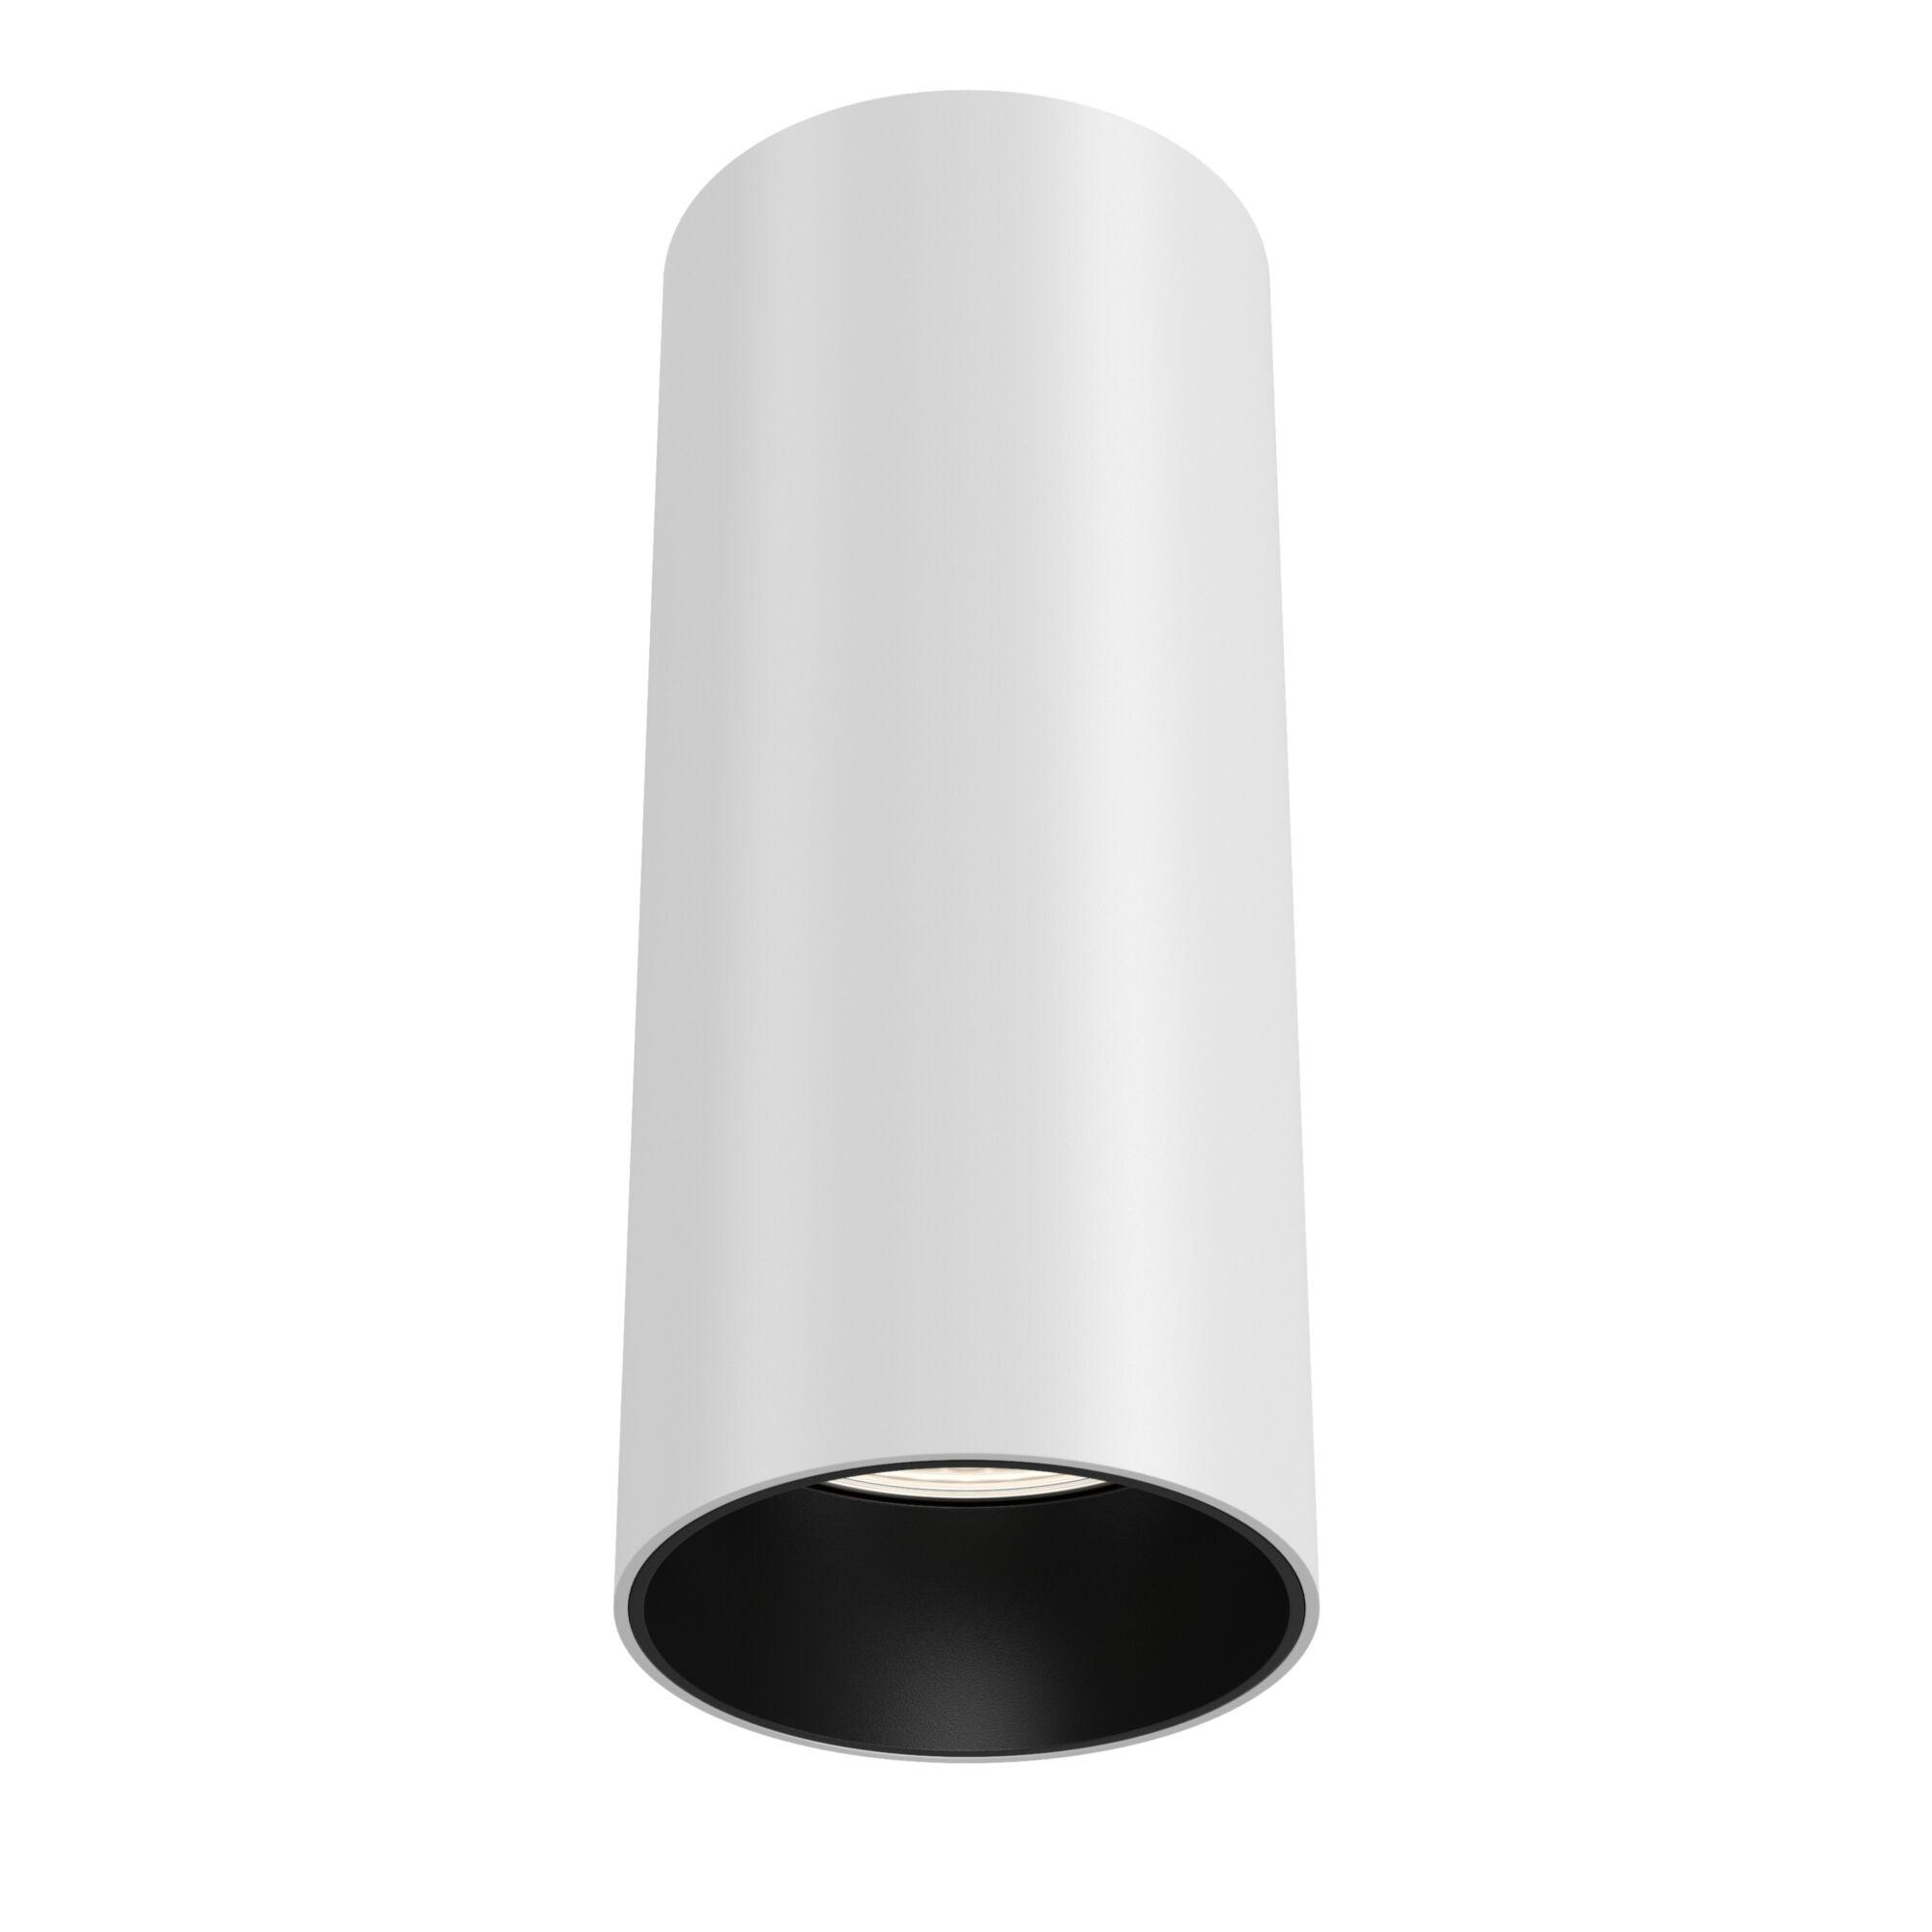 Фото - Светильник Maytoni FOCUS LED C056CL-L12W4K светильник maytoni потолочный светодиодный focus led c056cl l12w4k